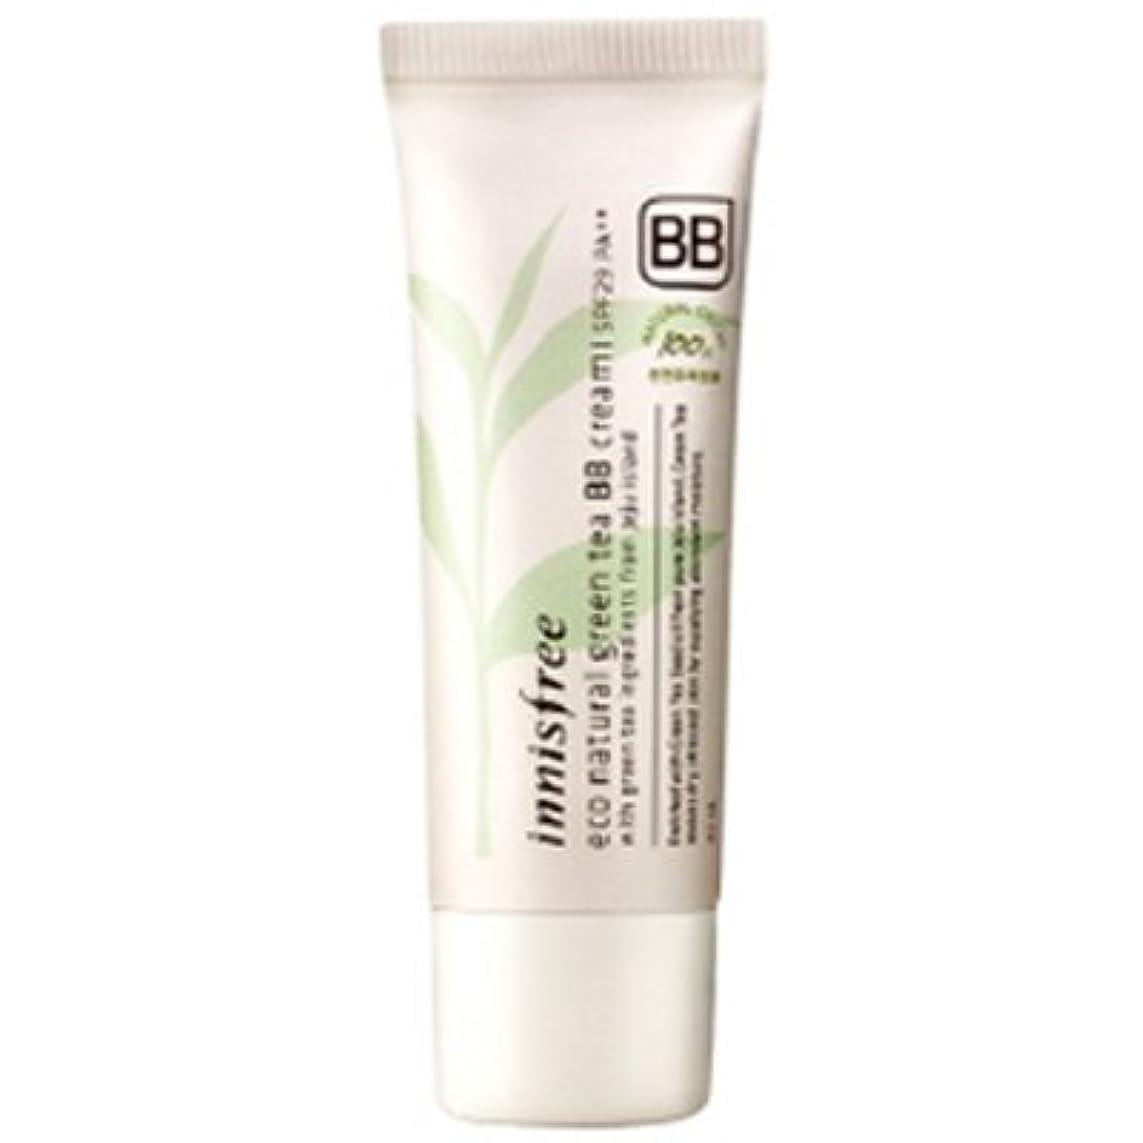 使い込む一般参加者innisfree(イニスフリー) Eco natural green tea BB cream エコ ナチュラル グリーン ティー BB クリーム SPF29/PA++ 40ml #1:ライトベージュ